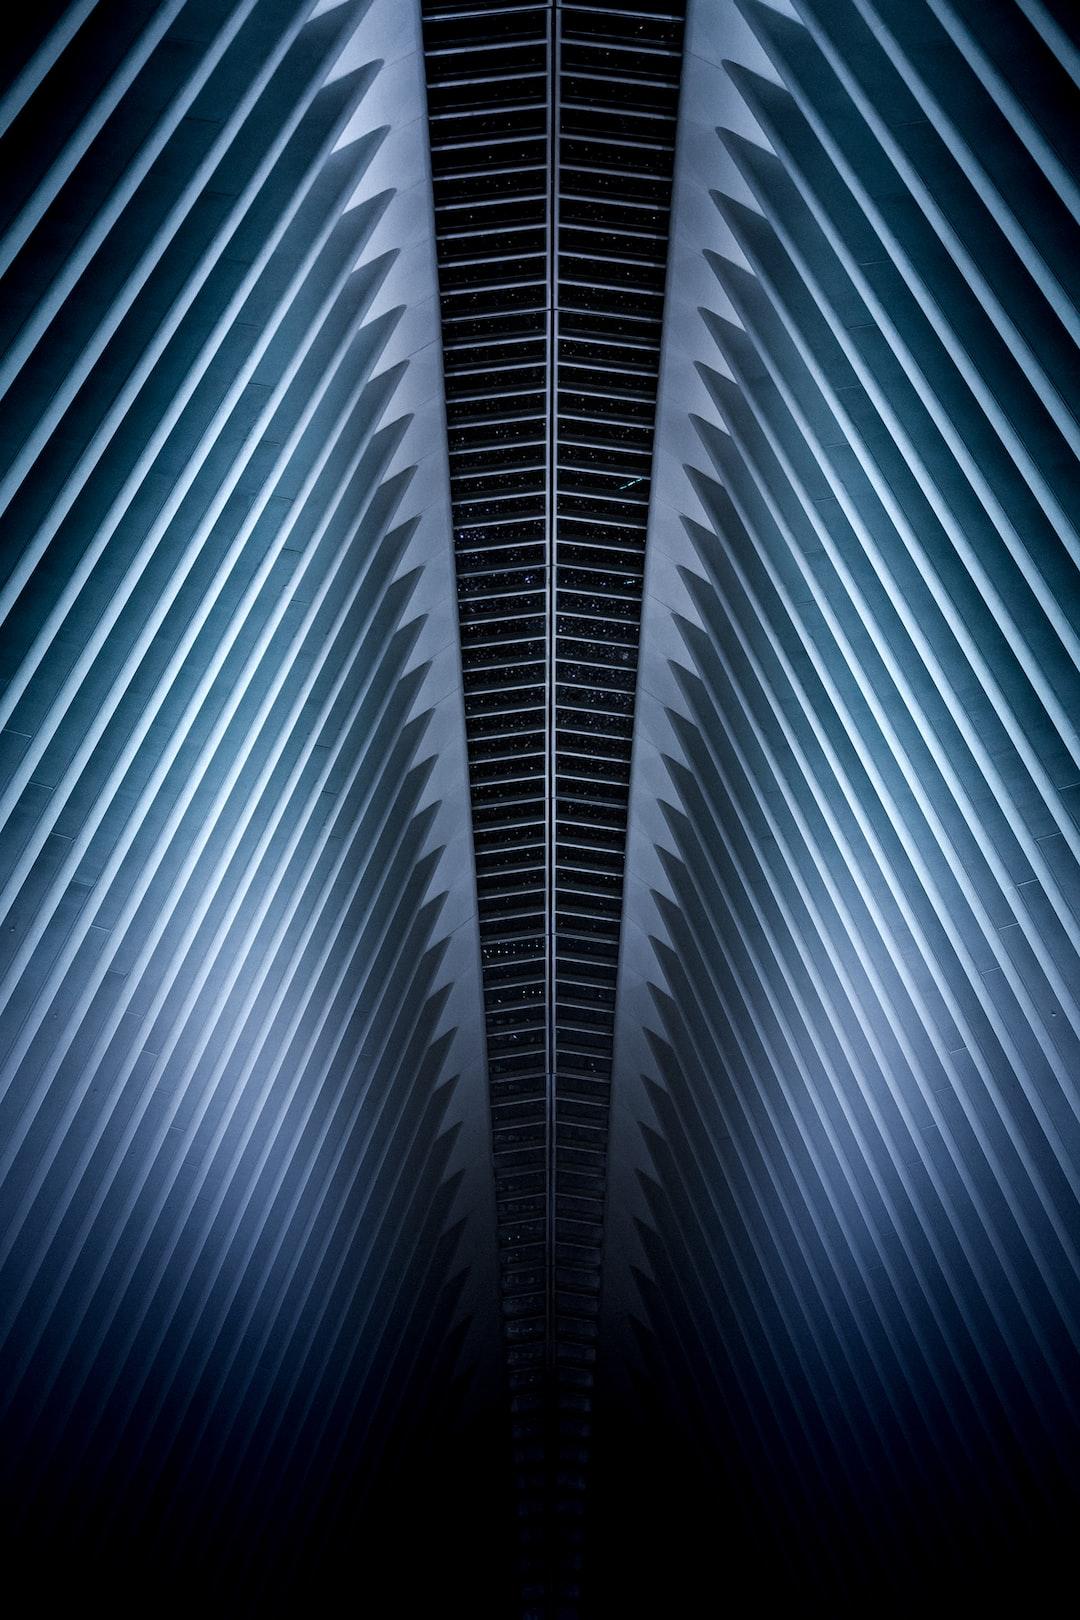 white and gray <b>interior</b> photo – Free New york Image on Unsplash